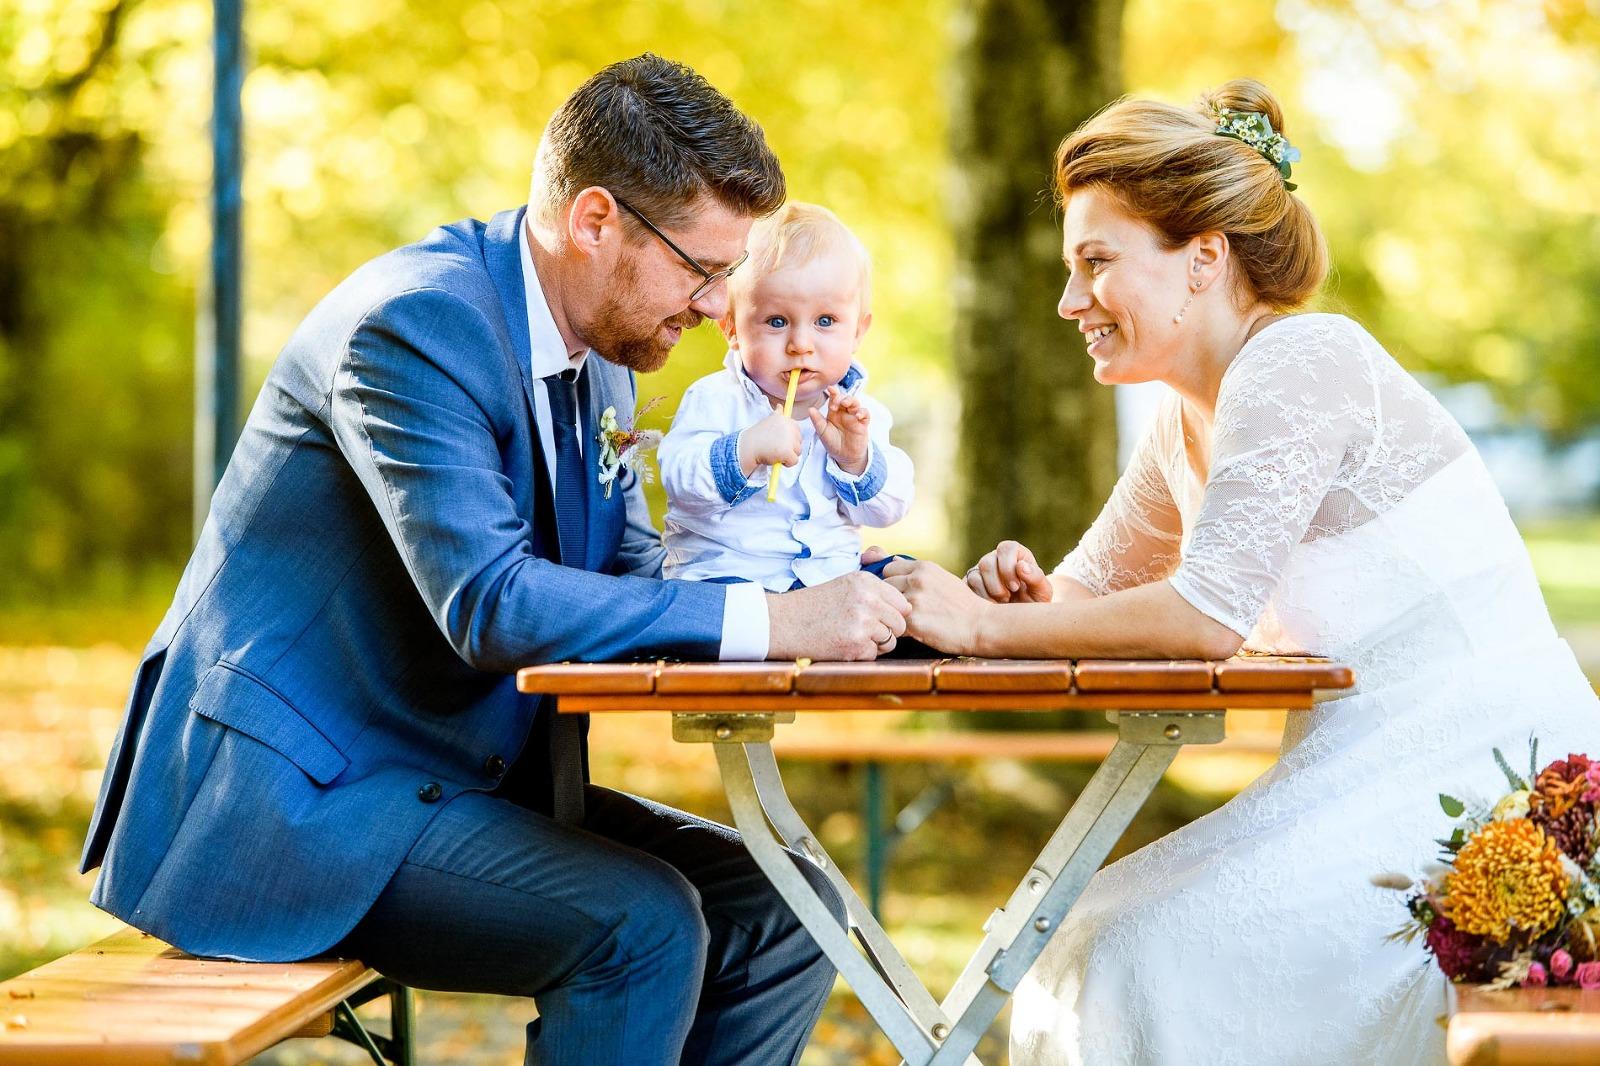 Hochzeitsfotograf München, Brautpaar mit Kind bei Hochzeit in Strasslach bei Grünwald